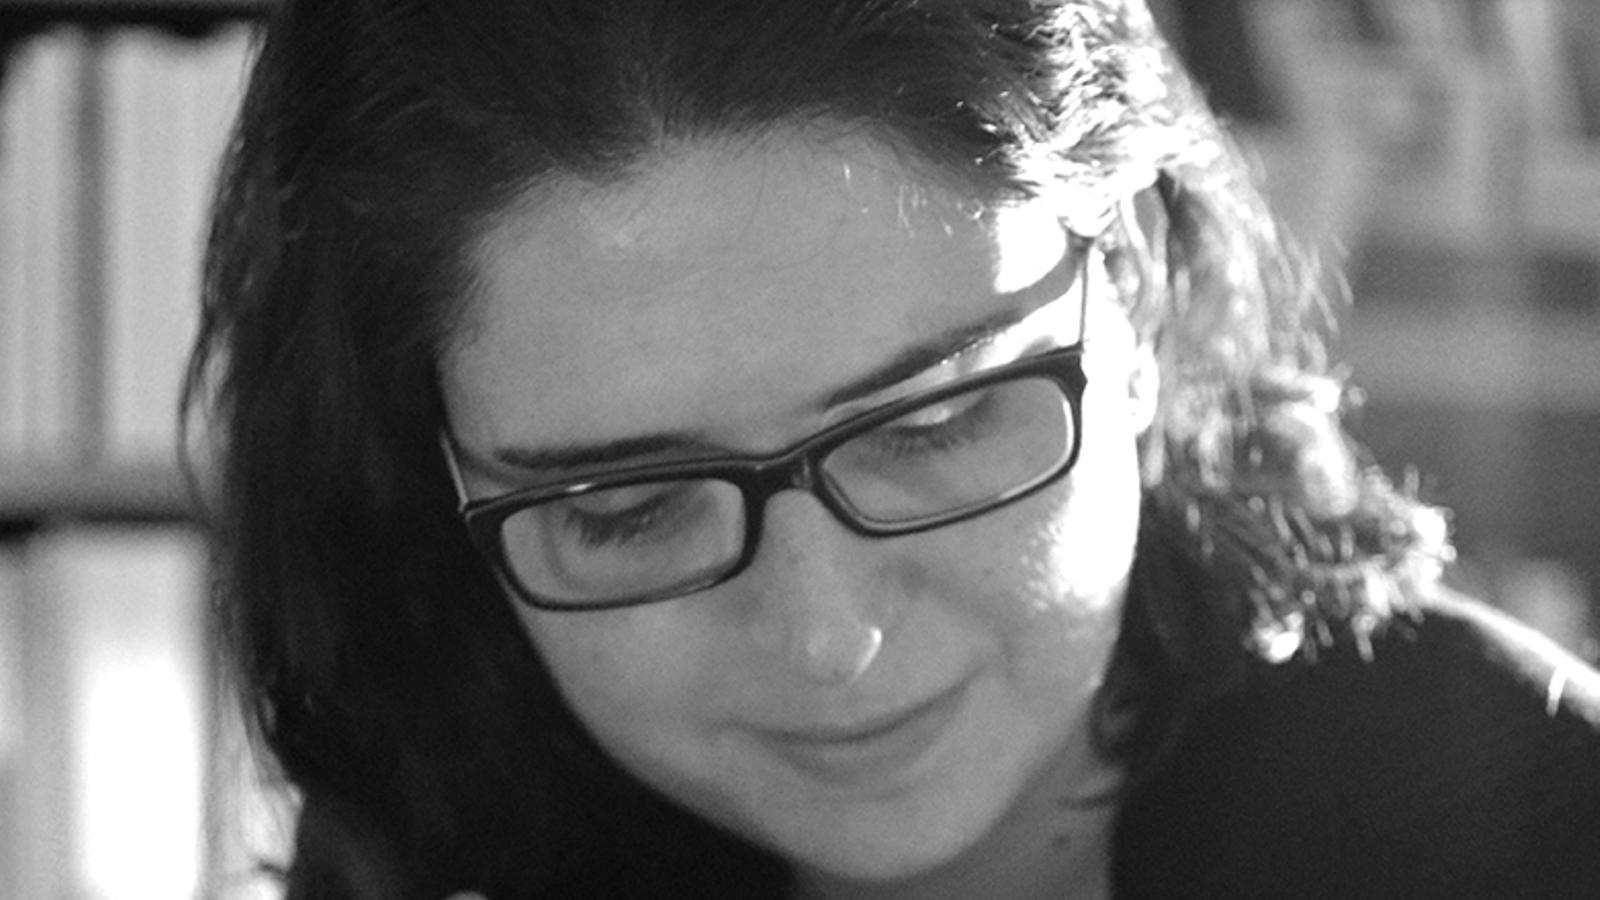 La poeta Àngels Gregori substitueix Manel Forcano en la direcció del Barcelona Poesia